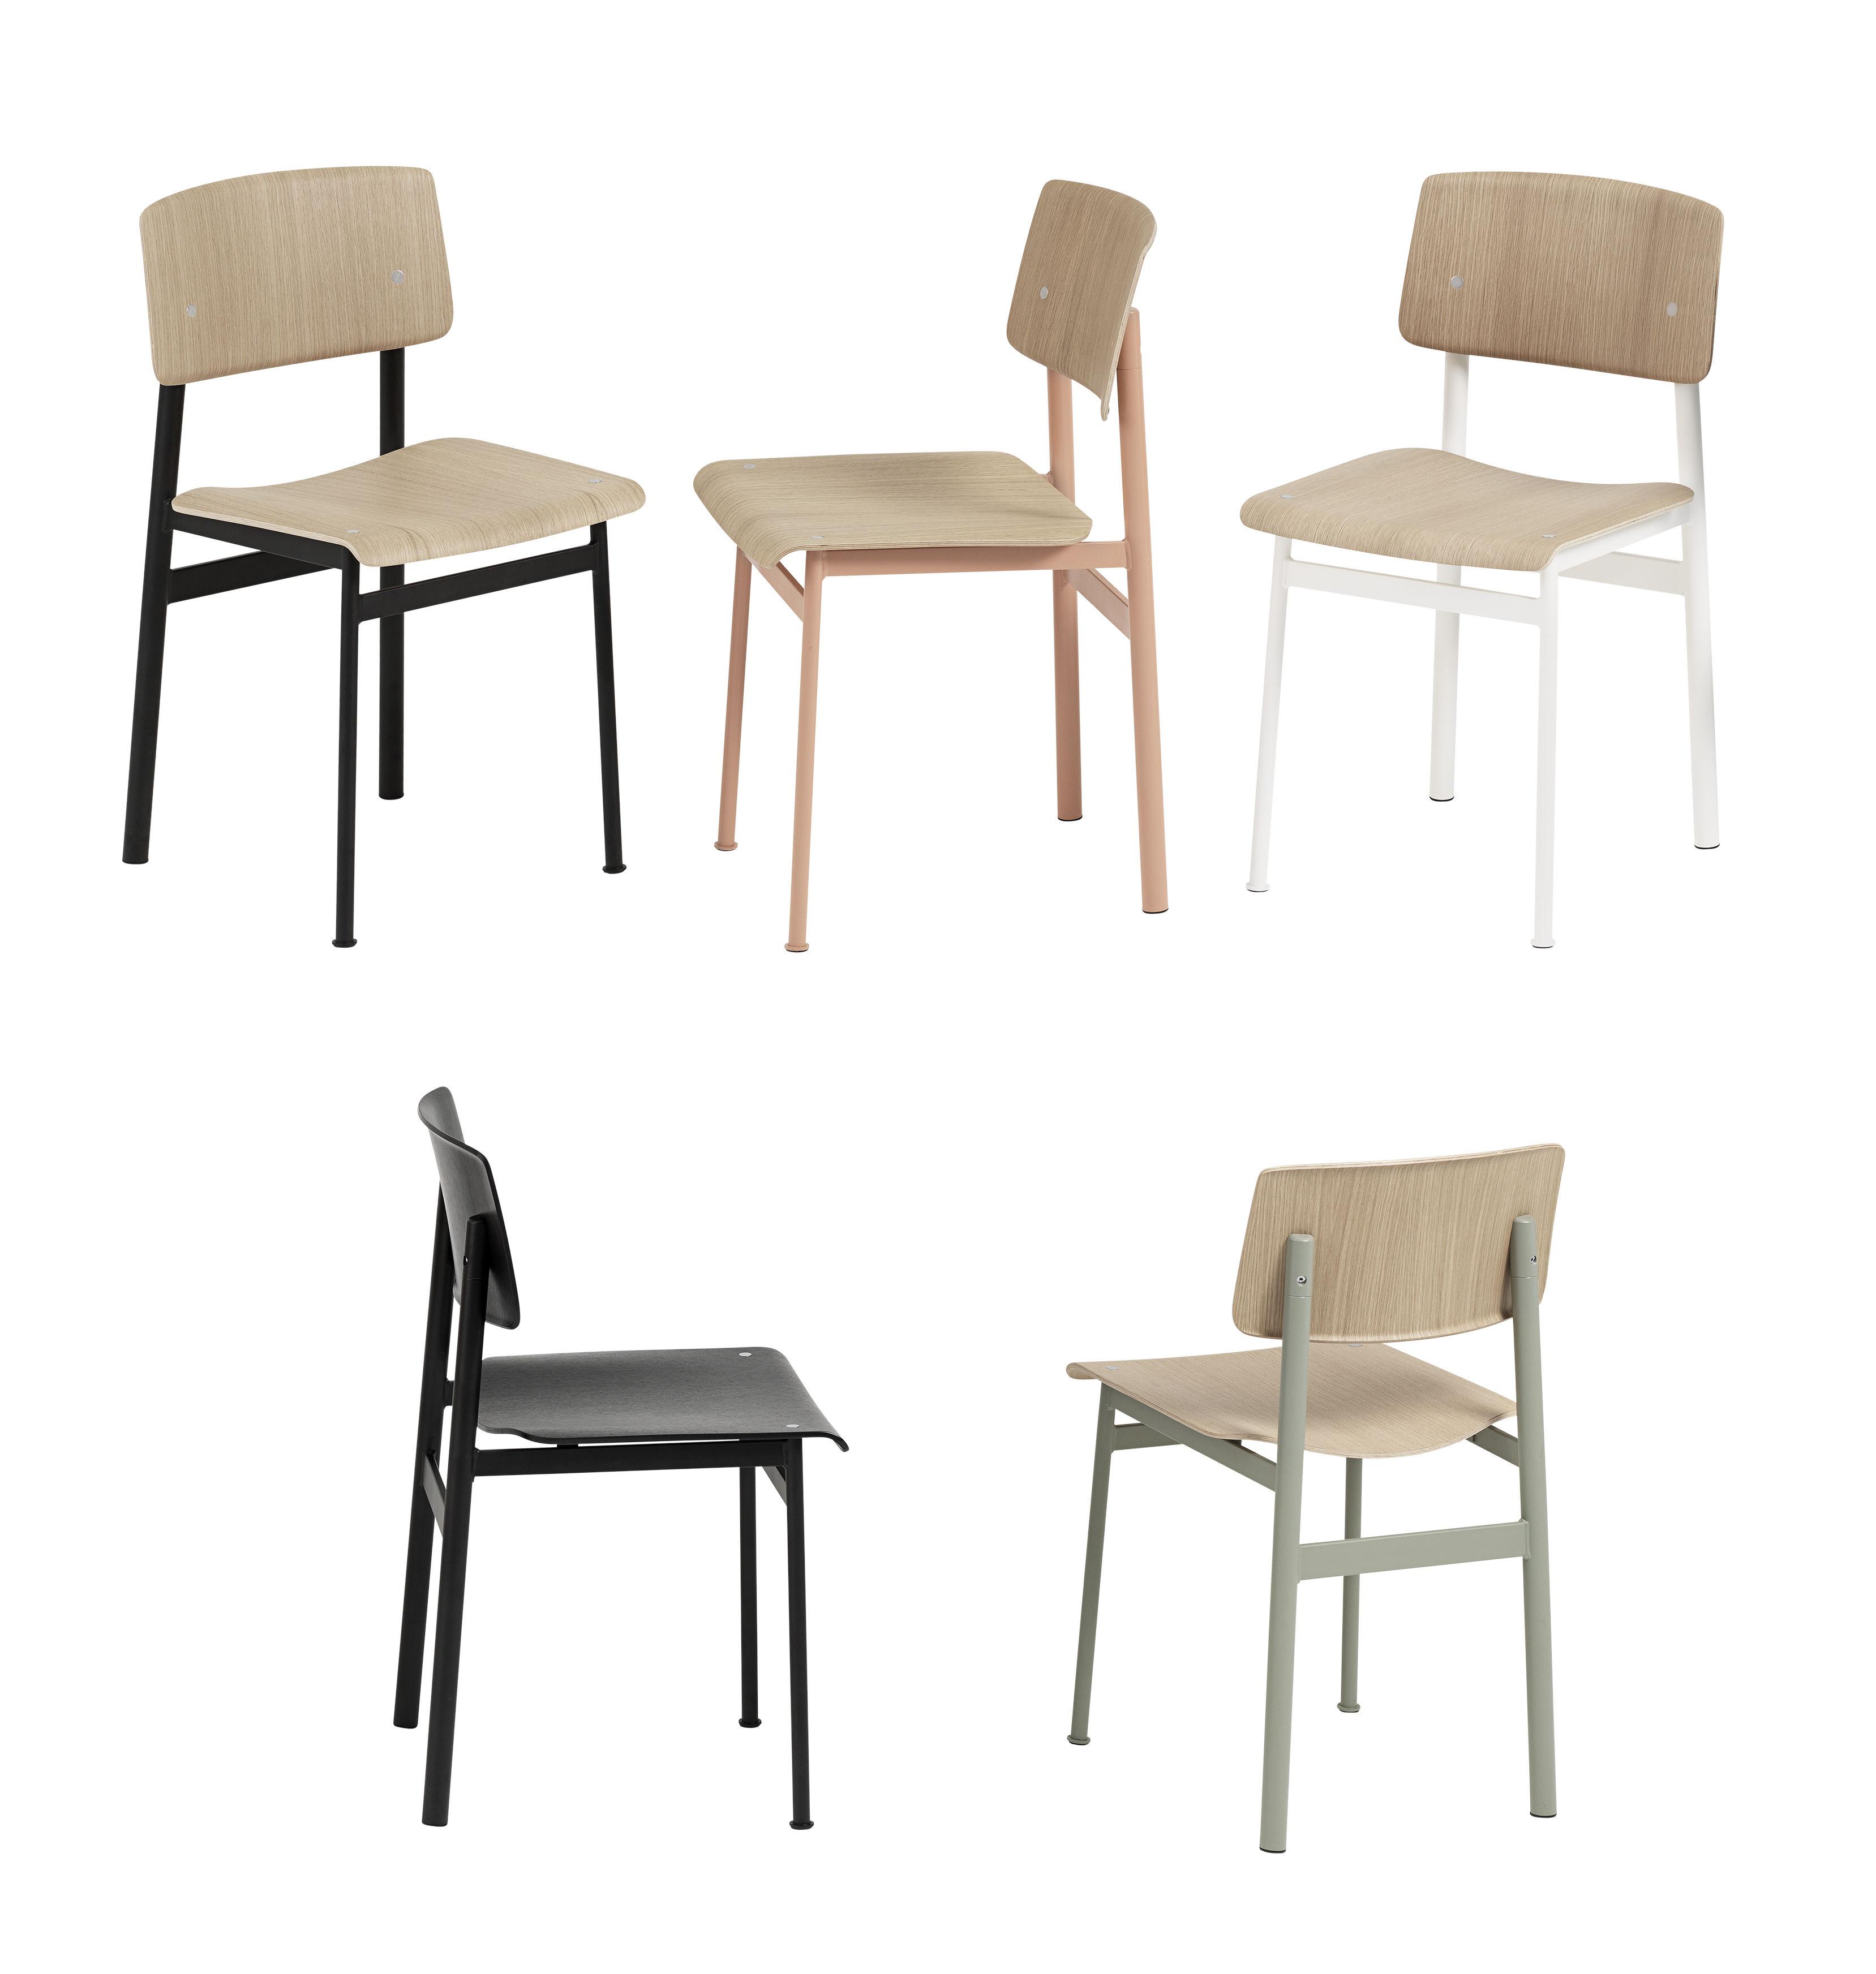 loft holz metall muuto stuhl. Black Bedroom Furniture Sets. Home Design Ideas